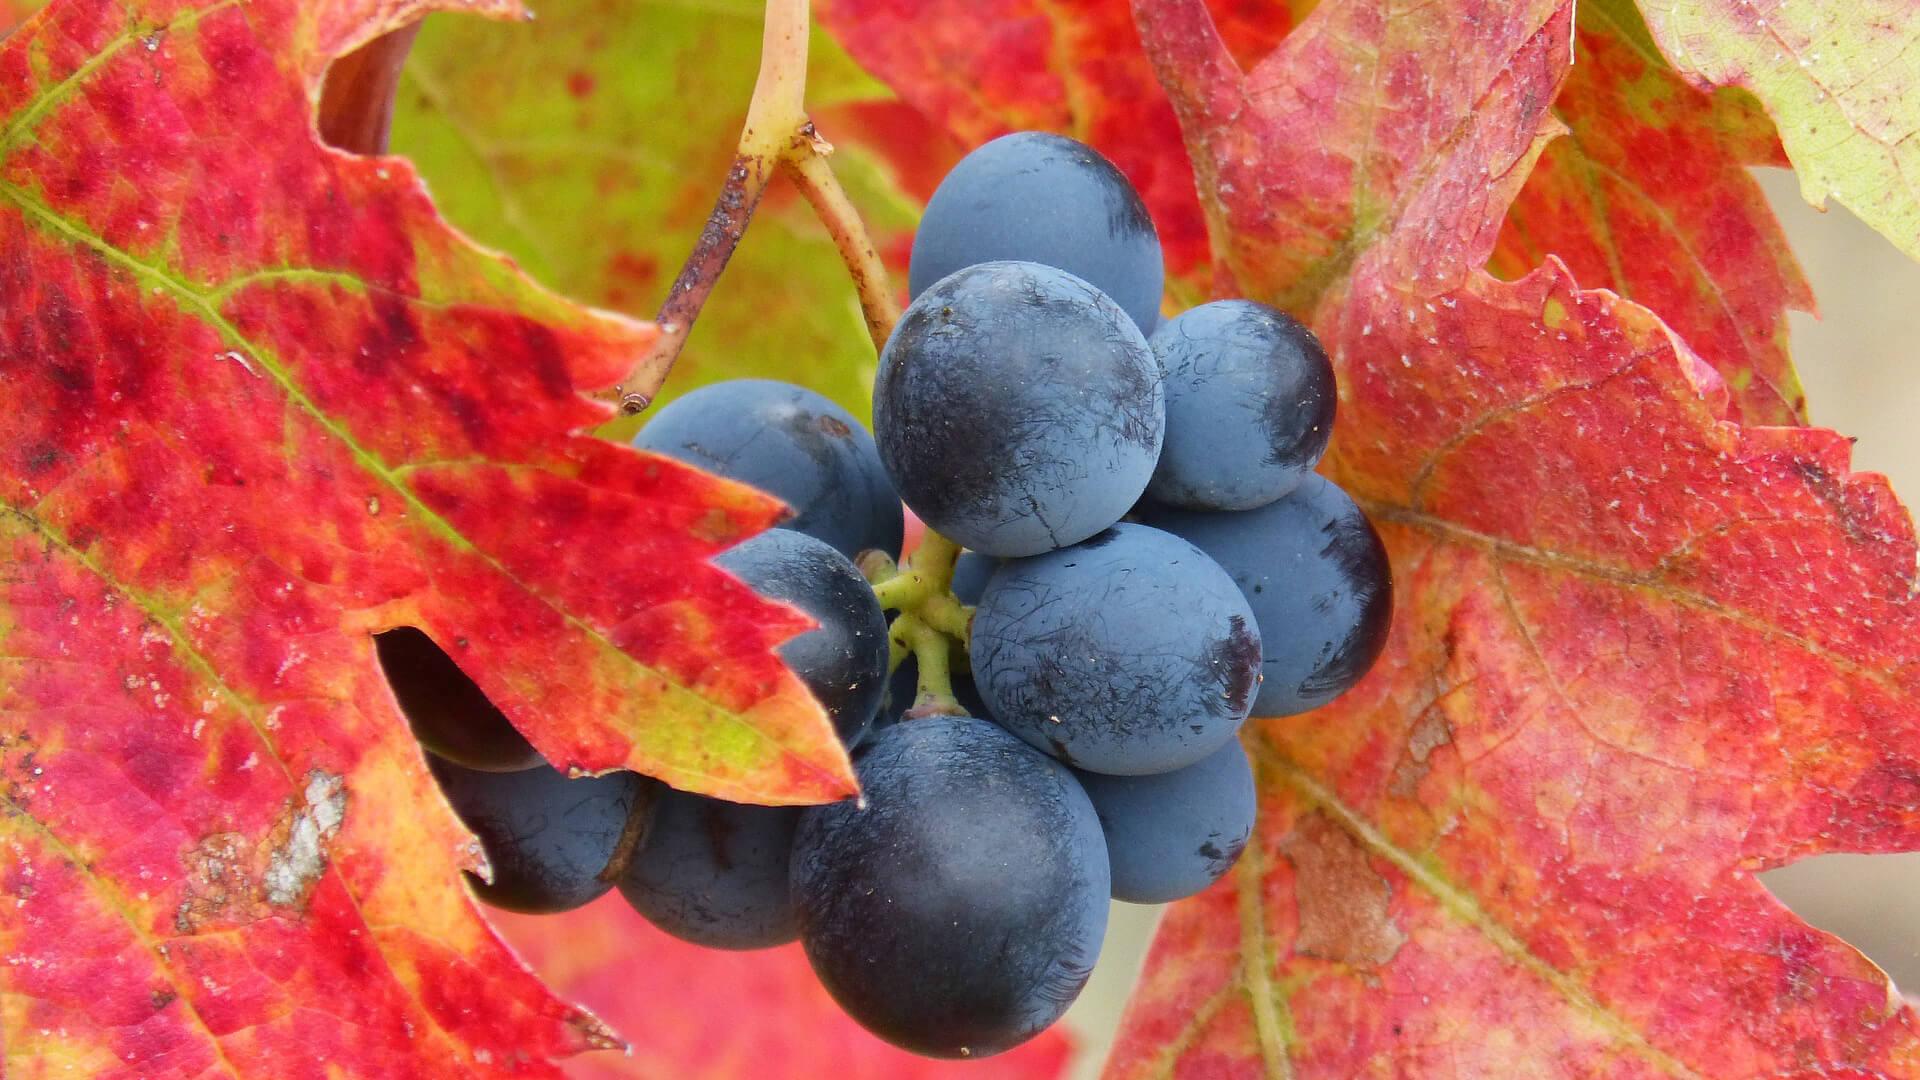 Rotwein-Entstehung - Welche Faktoren begründen die stilistische Vielfalt? (Teil 2)